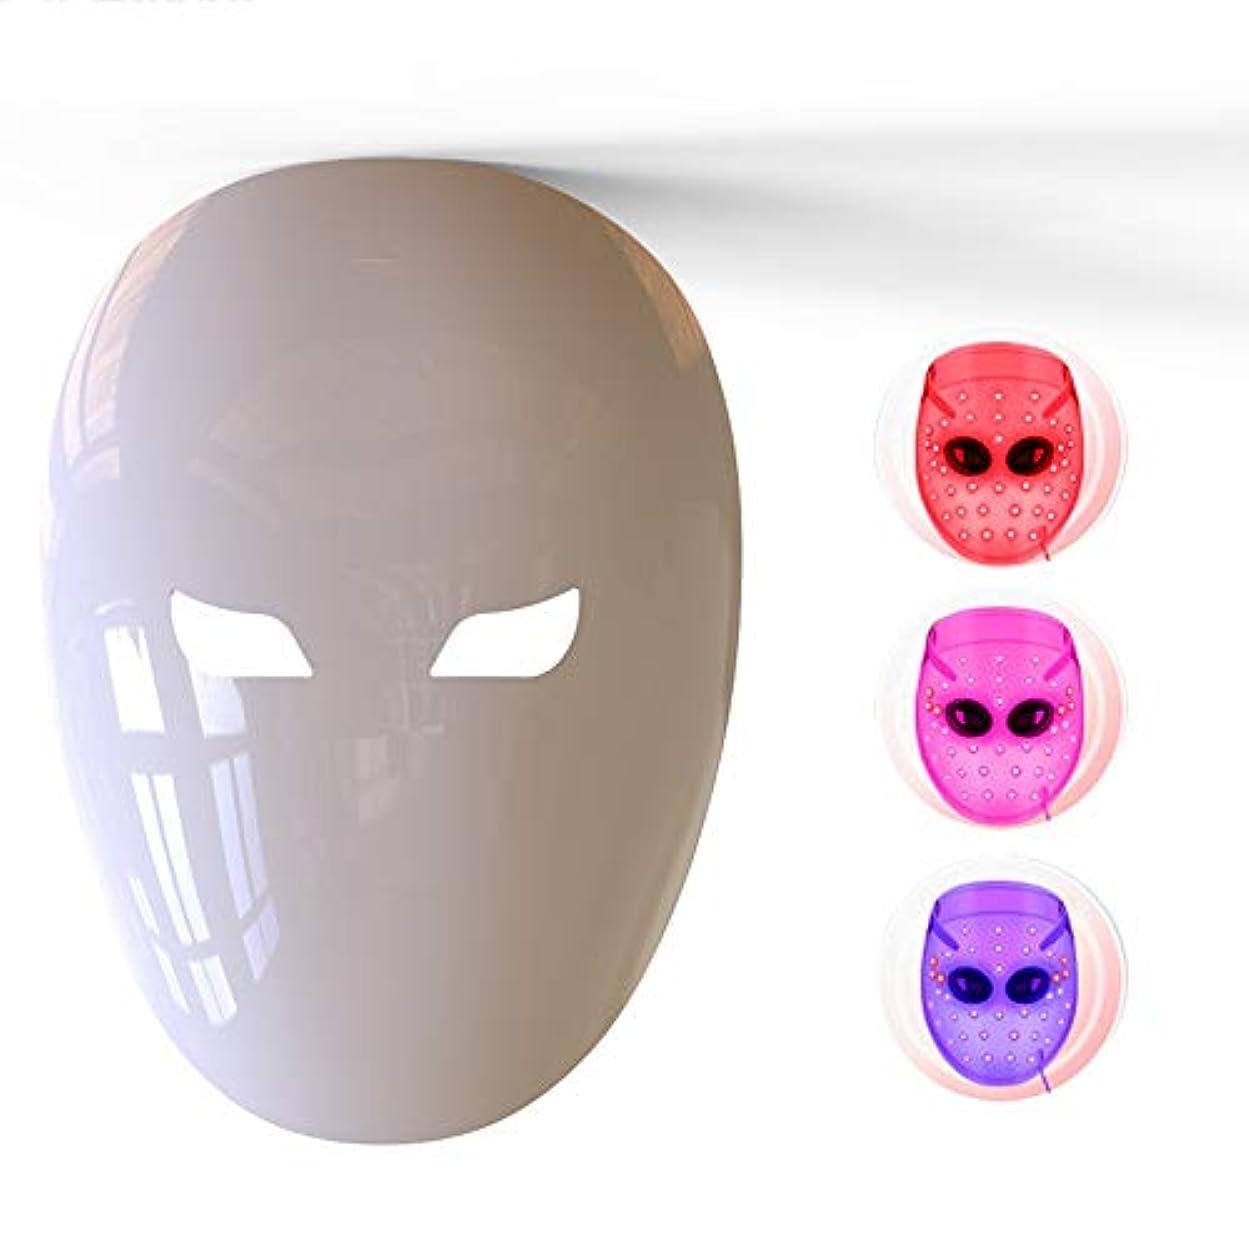 メンテナンス放棄する解くフェイスマスク、4色LEDの若返り、健康な肌の若返りのためのにきび、アンチエイジング、しわ、瘢痕化、肌の引き締め